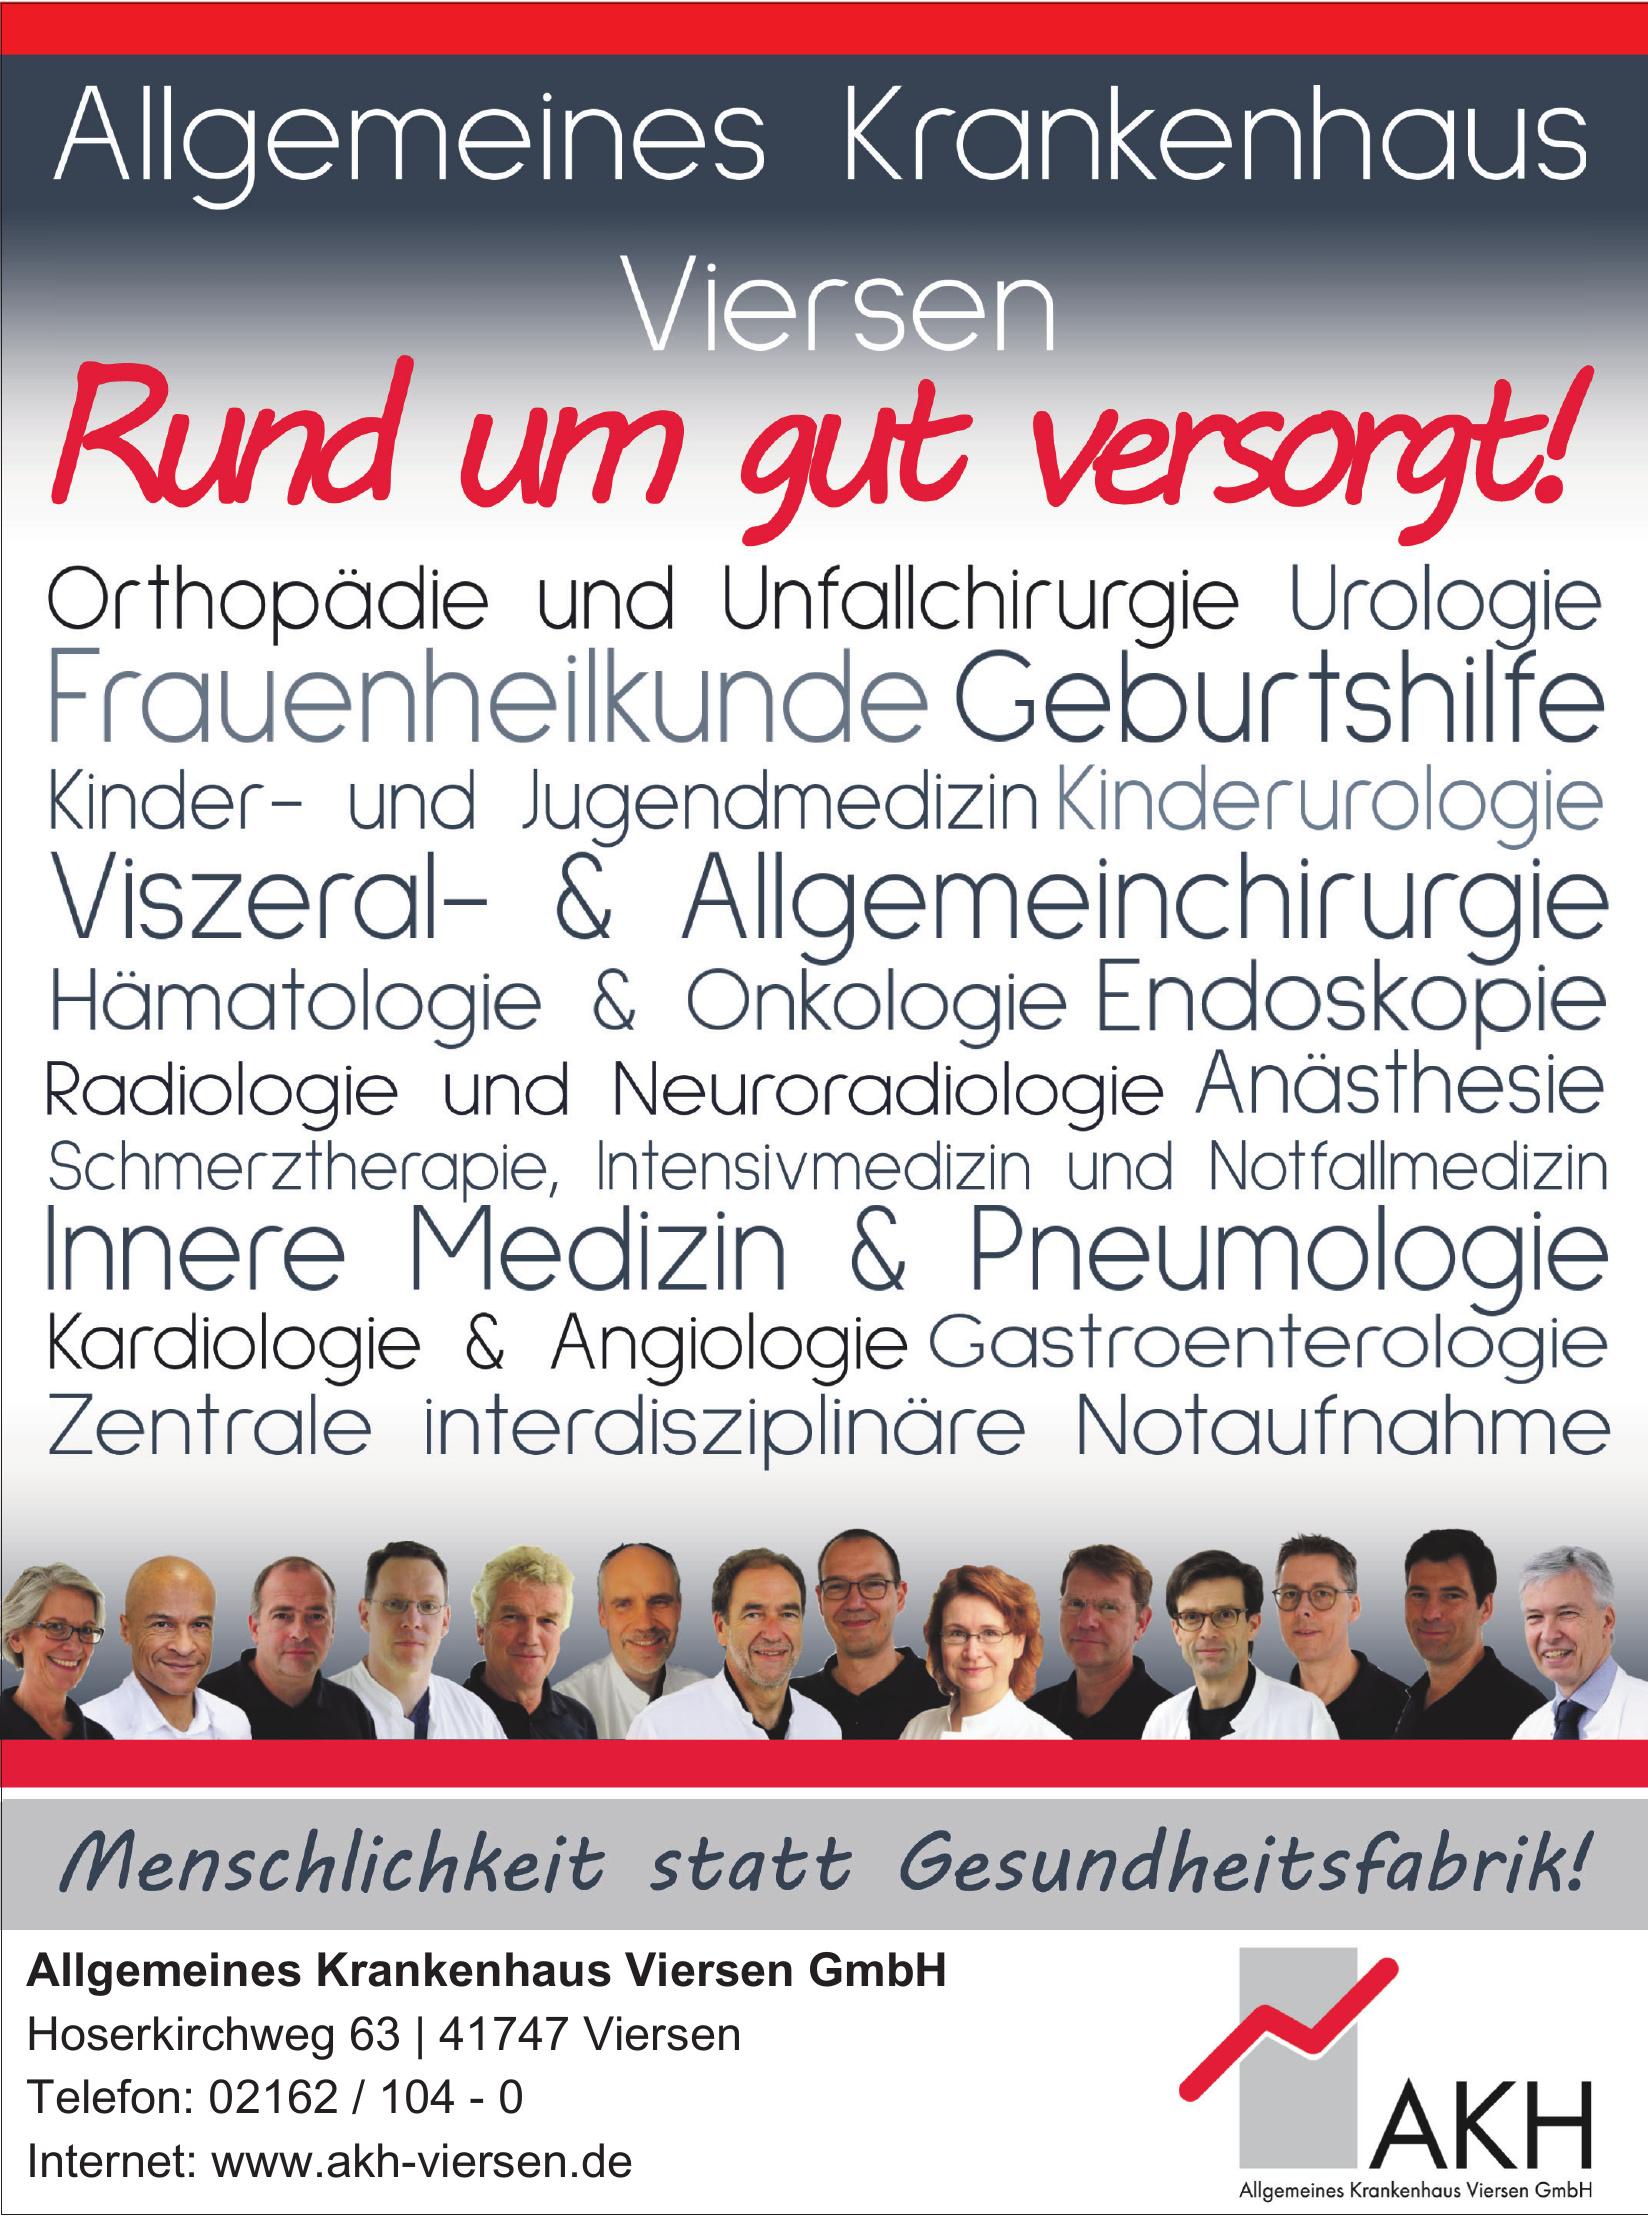 Allgemeines Krankenhaus Viersen GmbH